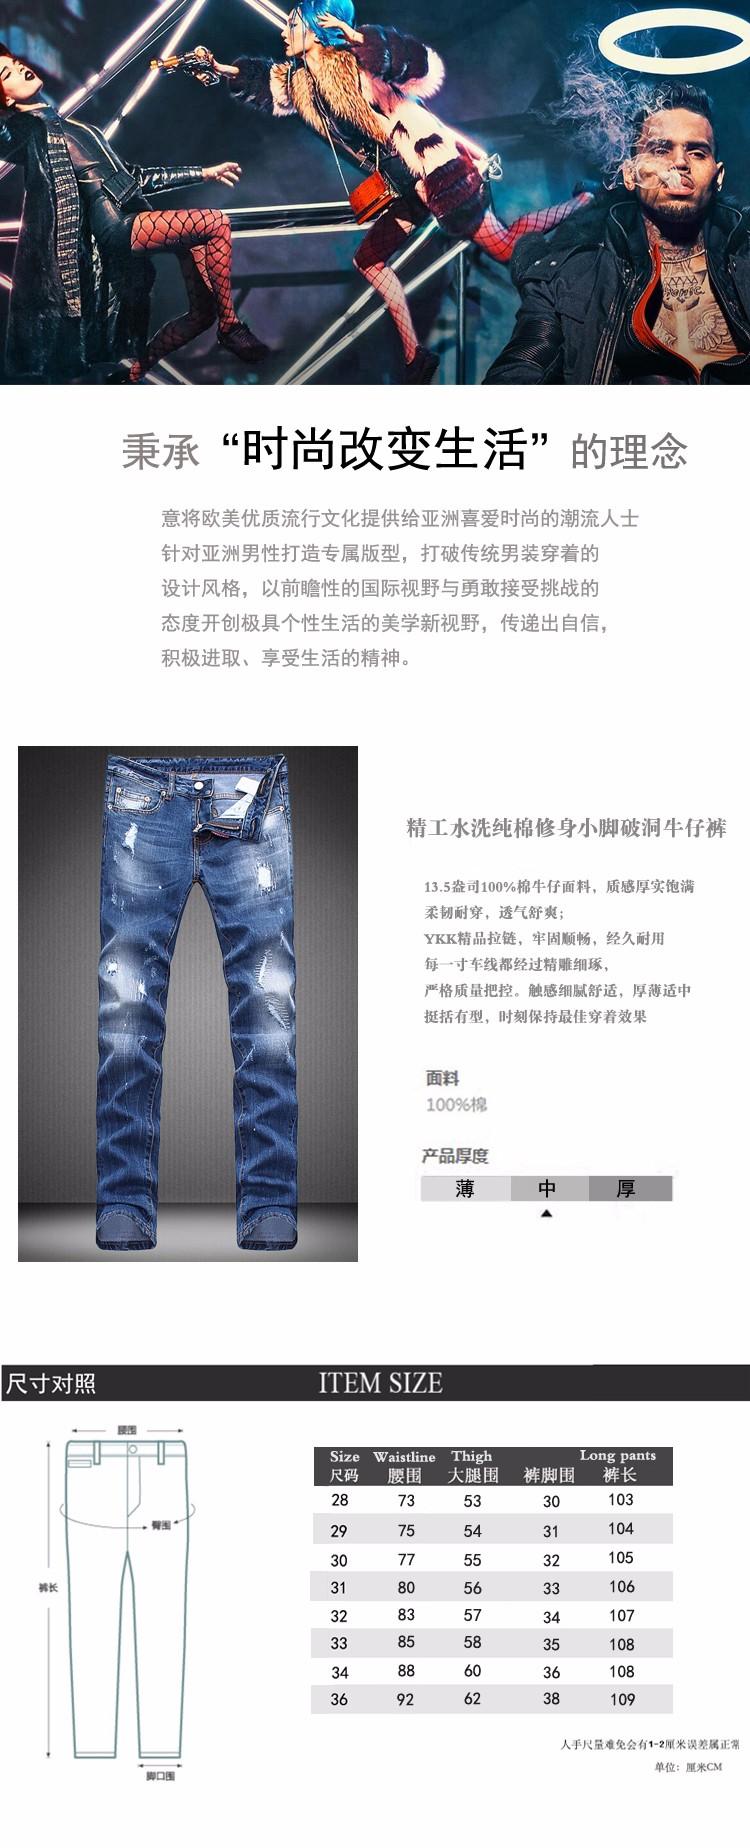 Скидки на Сделать старый дизайнерский бренд брюки новые ножки брюки мальчик джинсовые брюки